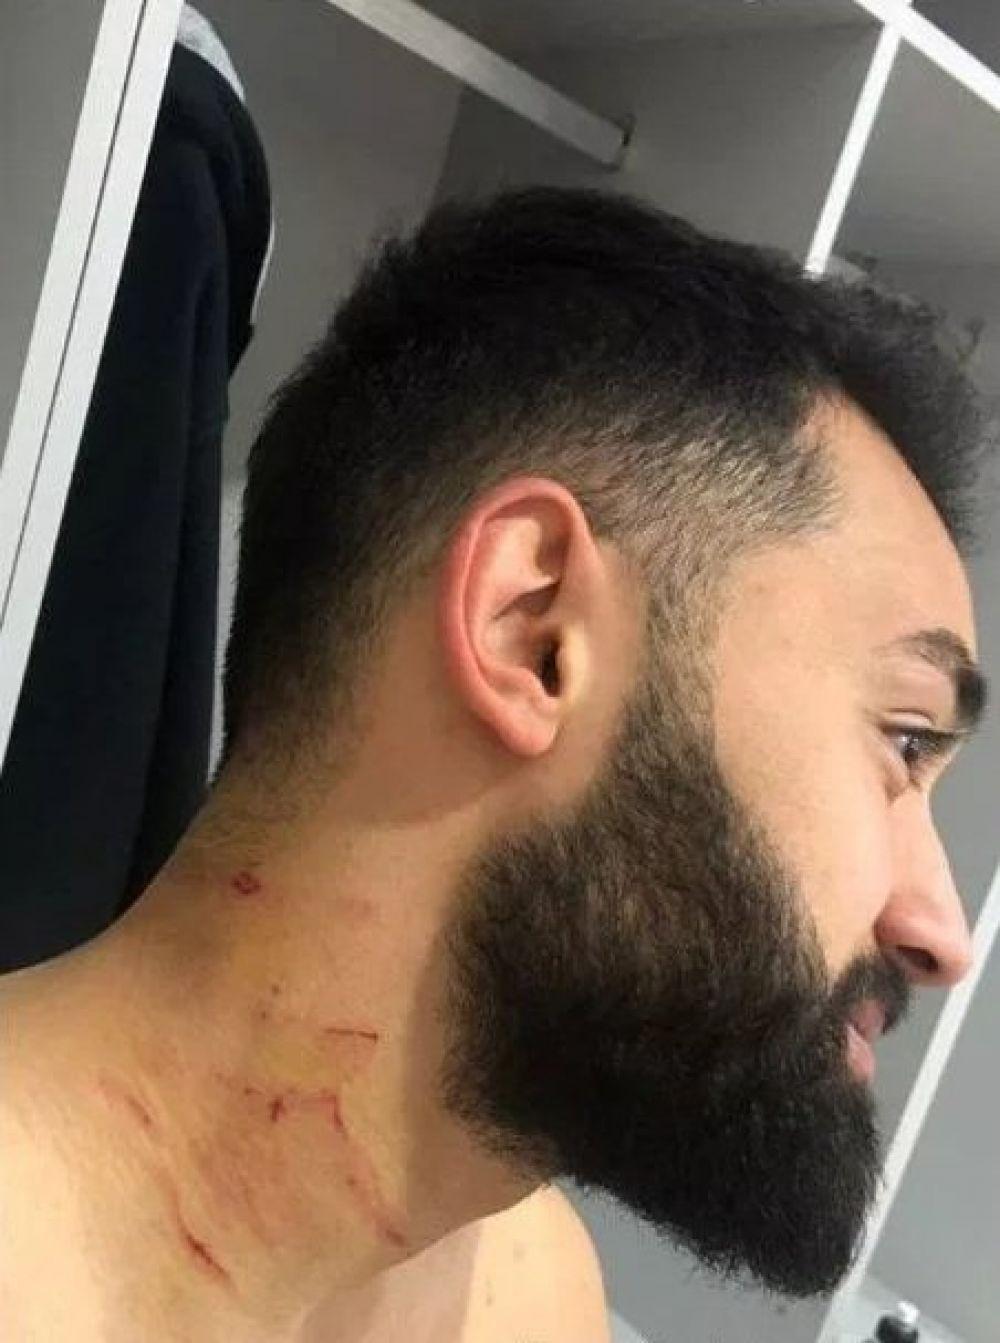 Futbolista sufrió cortes en el cuello. (Foto: captura de pantalla)